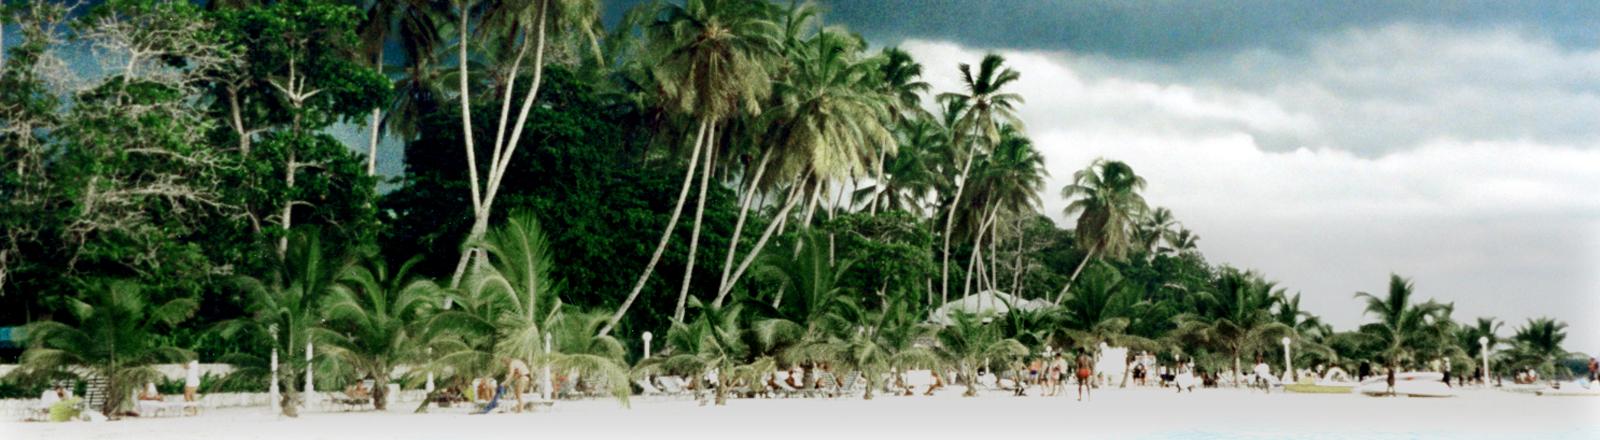 Karibikstrand mit Palmen und Gewitterfront